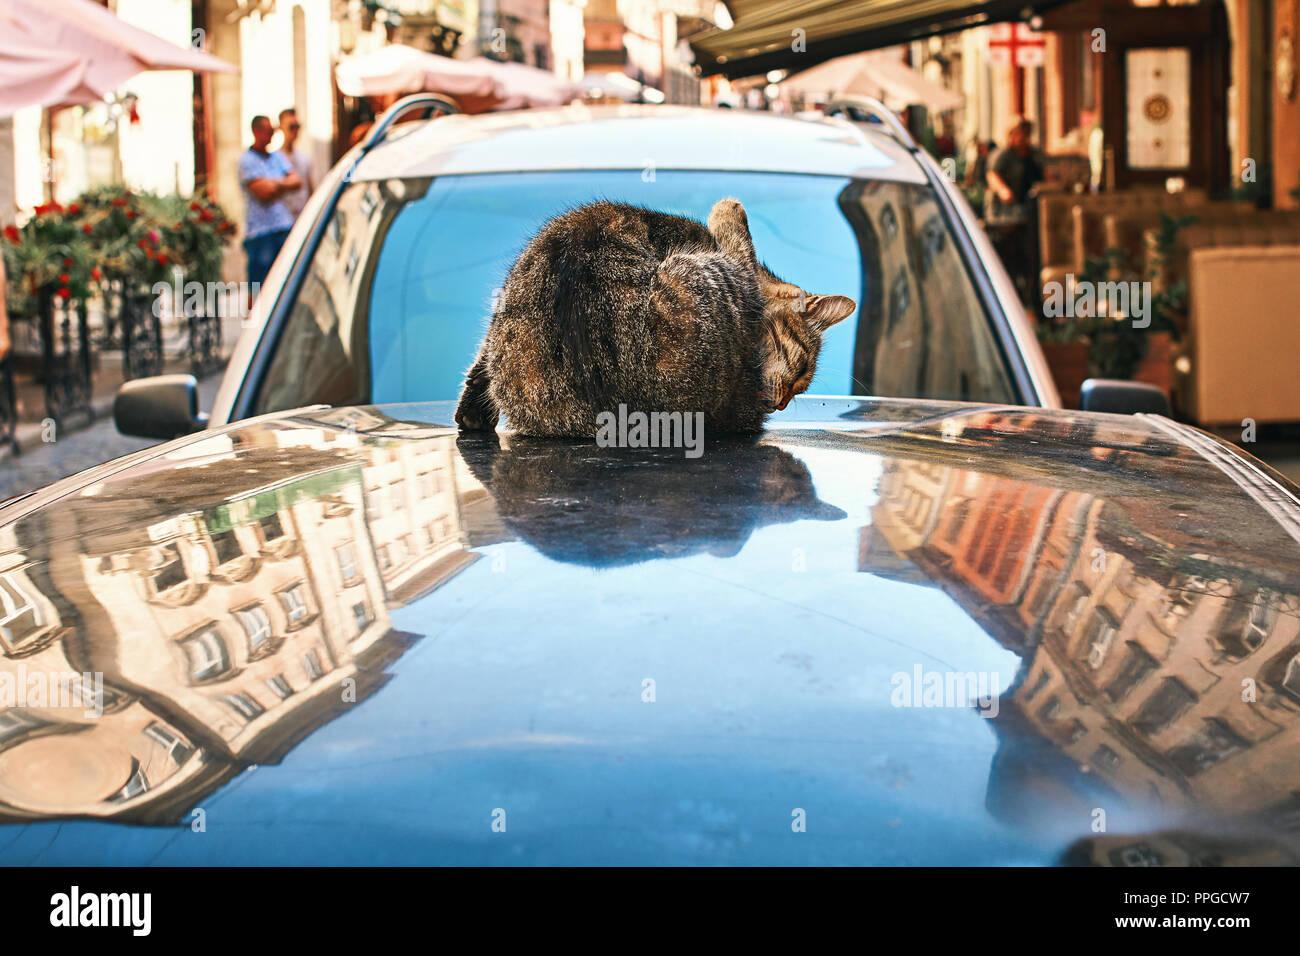 Lavage de chat lui-même assis sur un toit d'automobile dans le vieux centre-ville historique européen Photo Stock